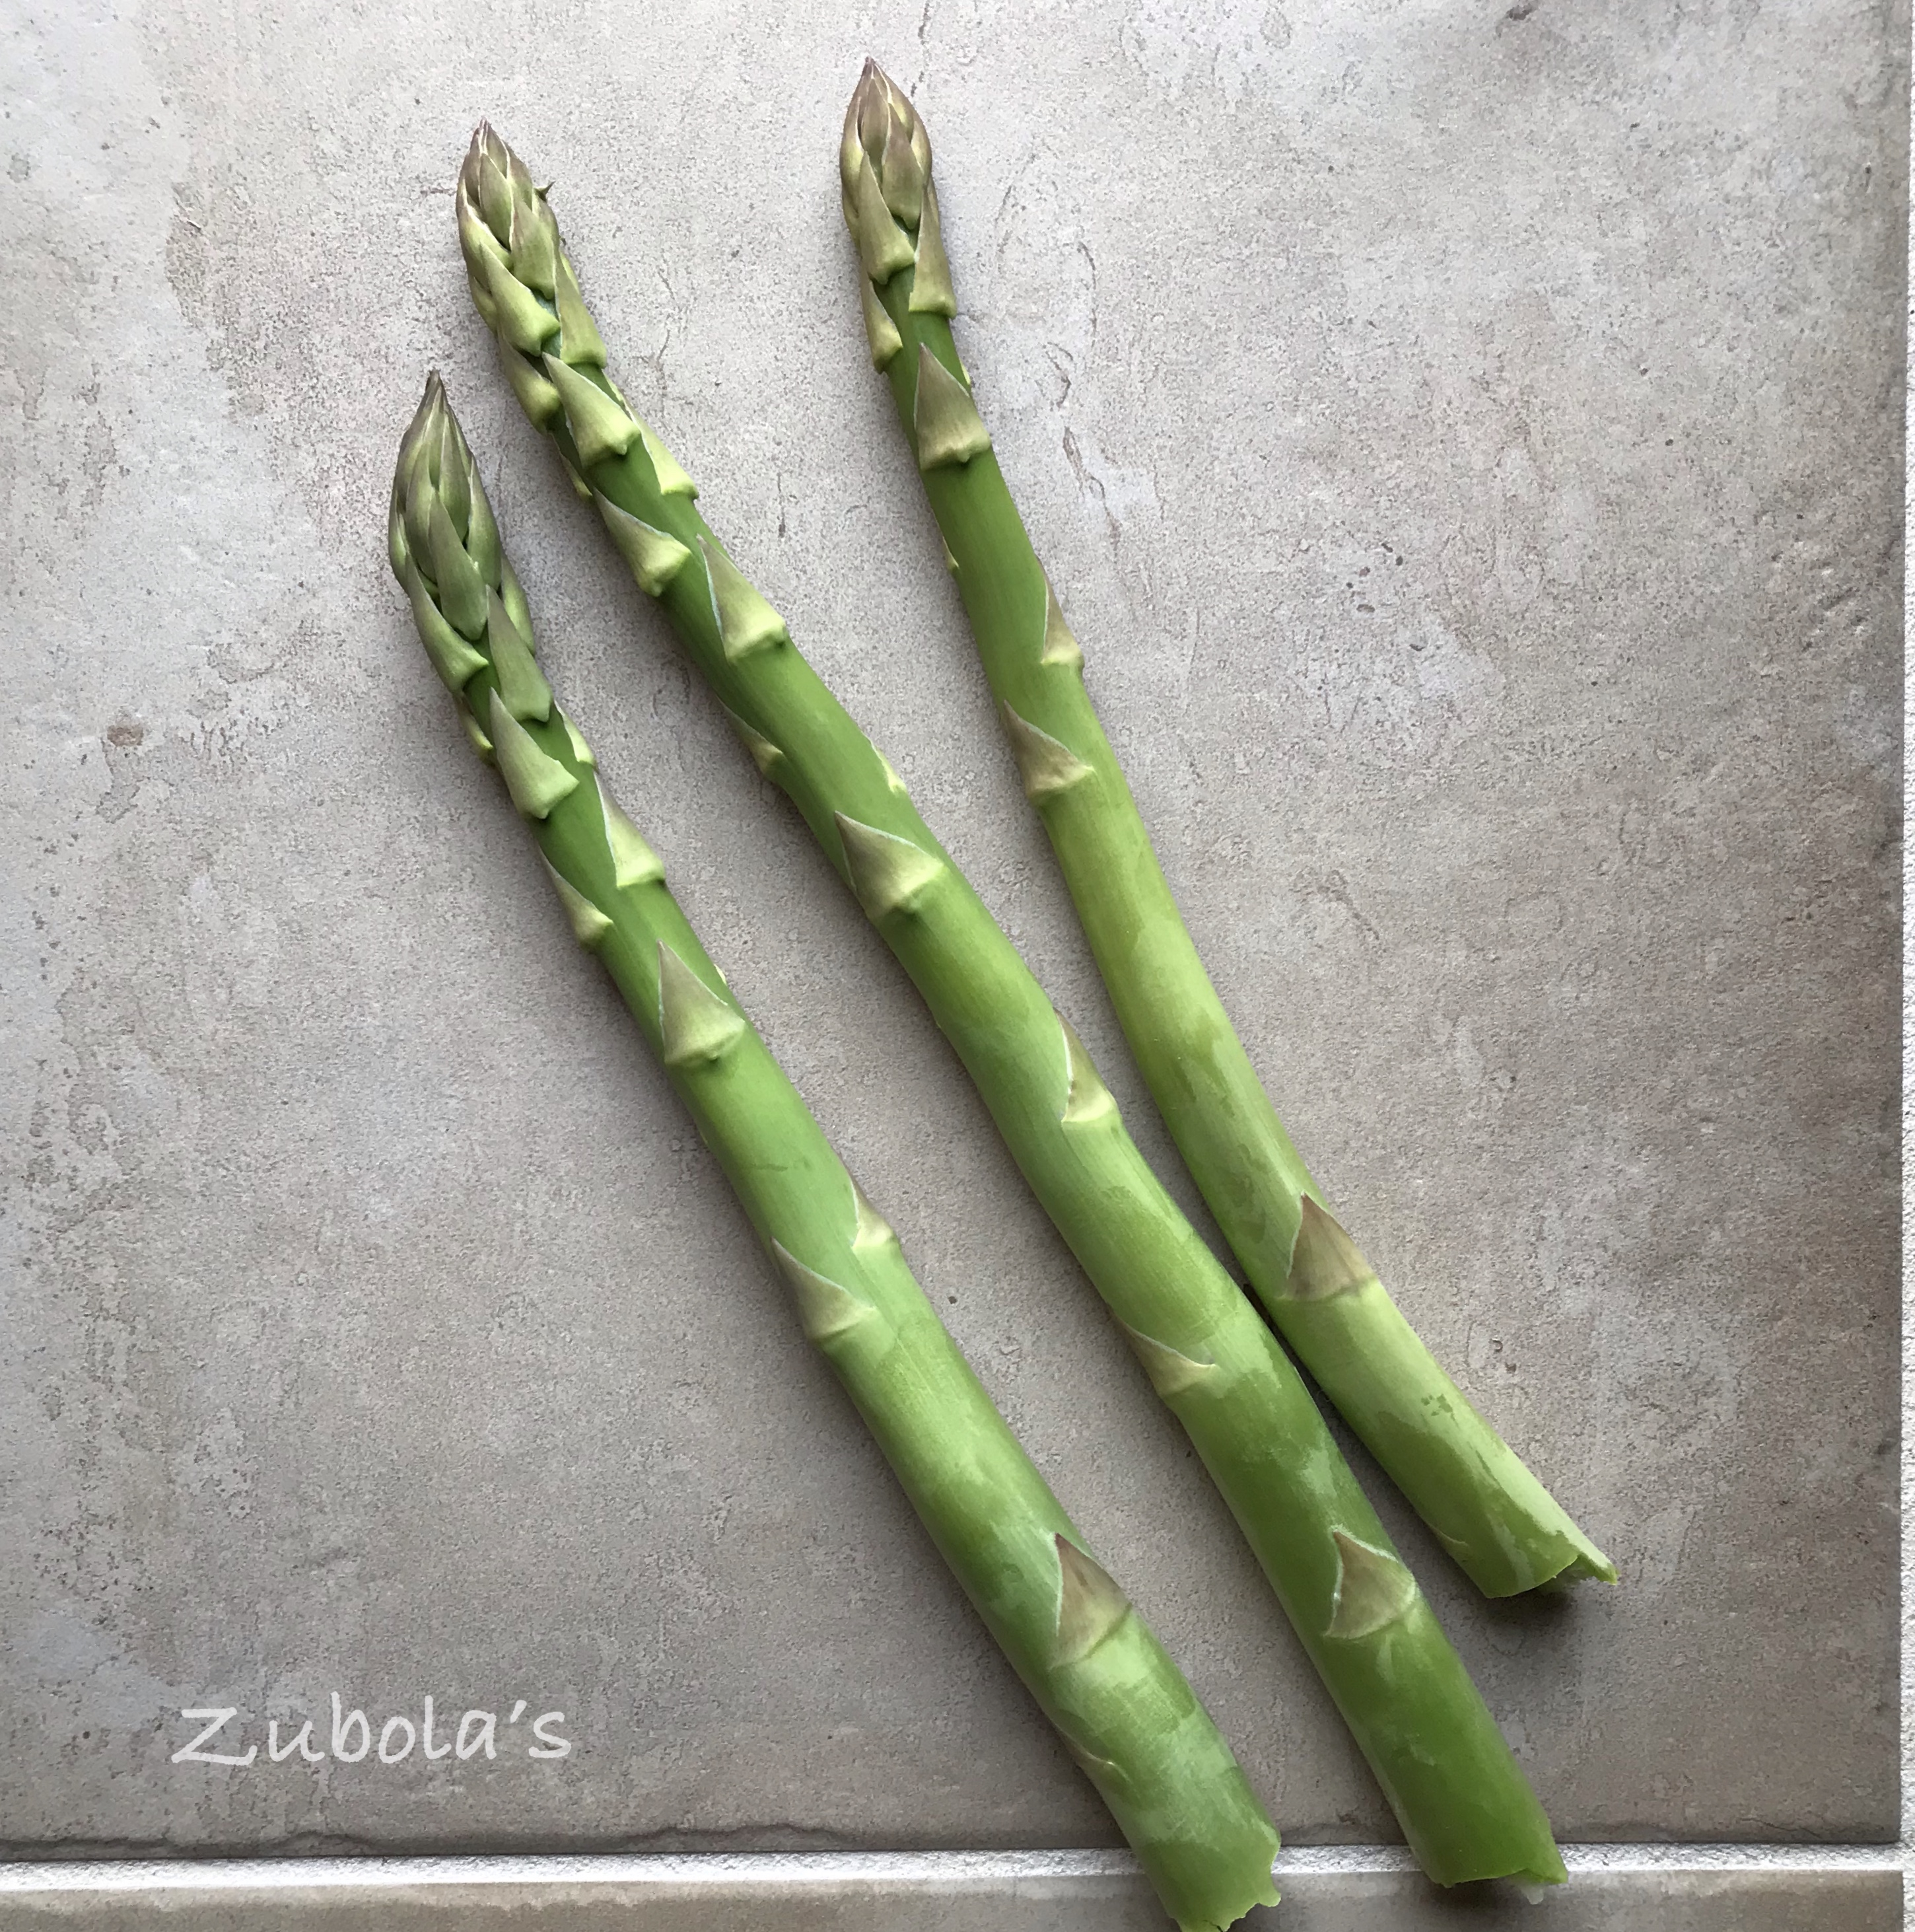 """アスパラが生えてくる季節@家の庭♪ズボラなアナタにオススメな""""毎年勝手に生えてくれる野菜"""""""